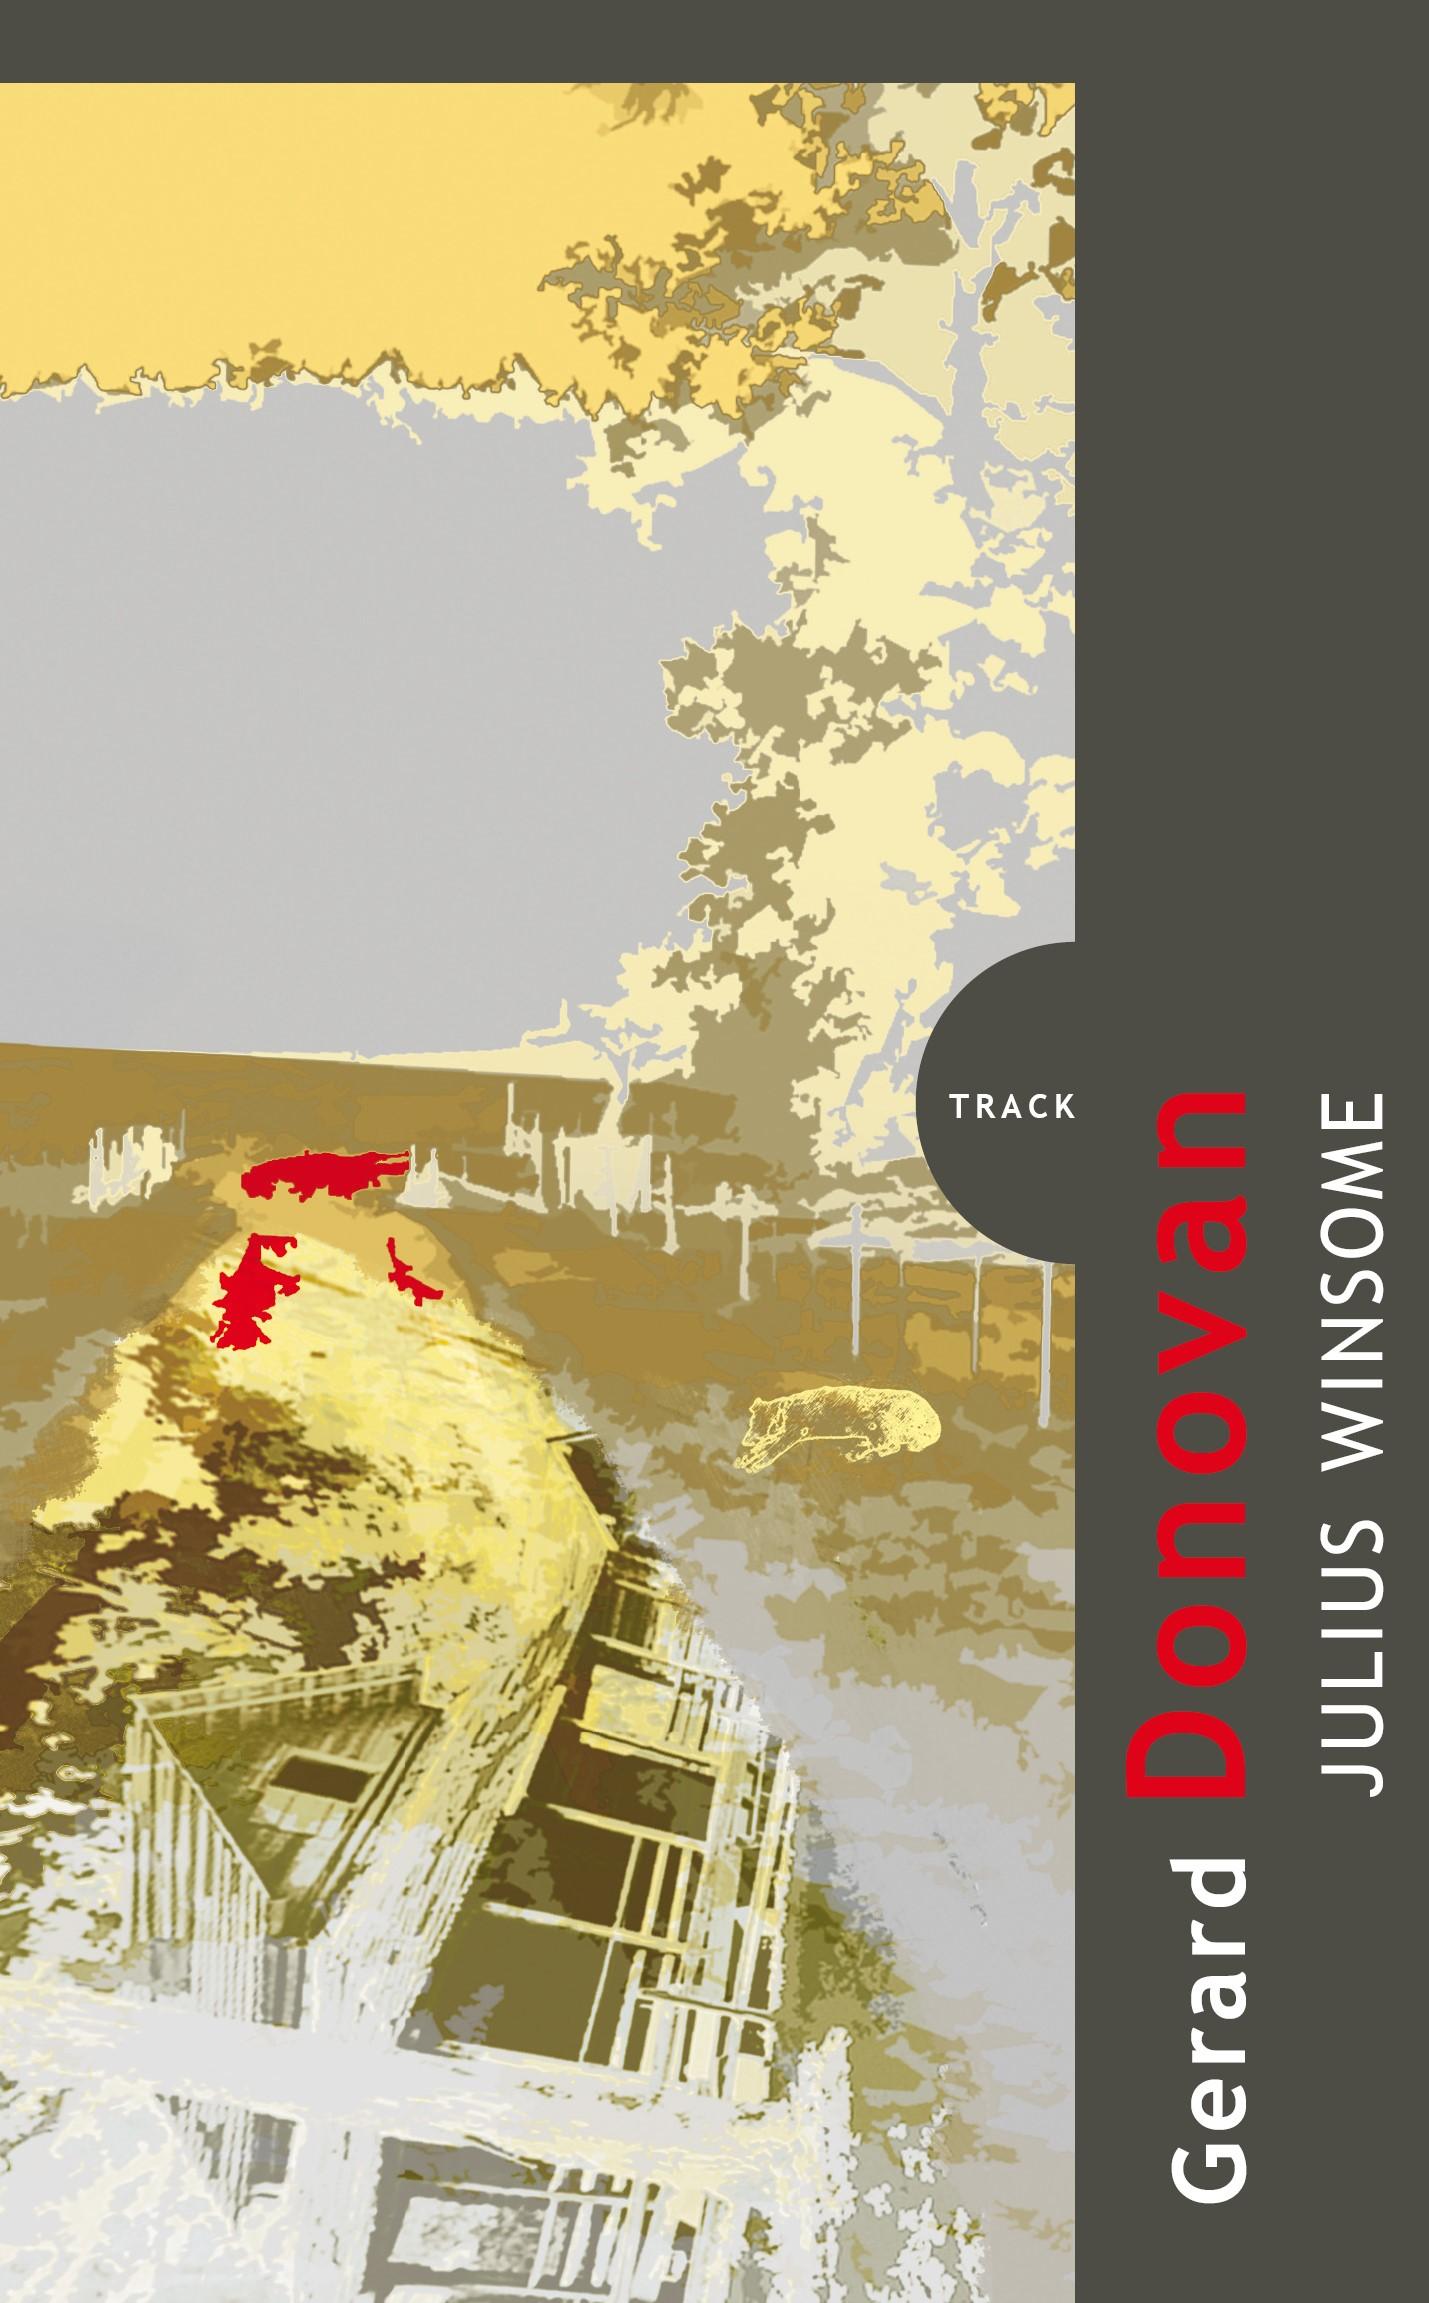 Julius Winsome | Gerard Donovan, Renáta Dlouhá